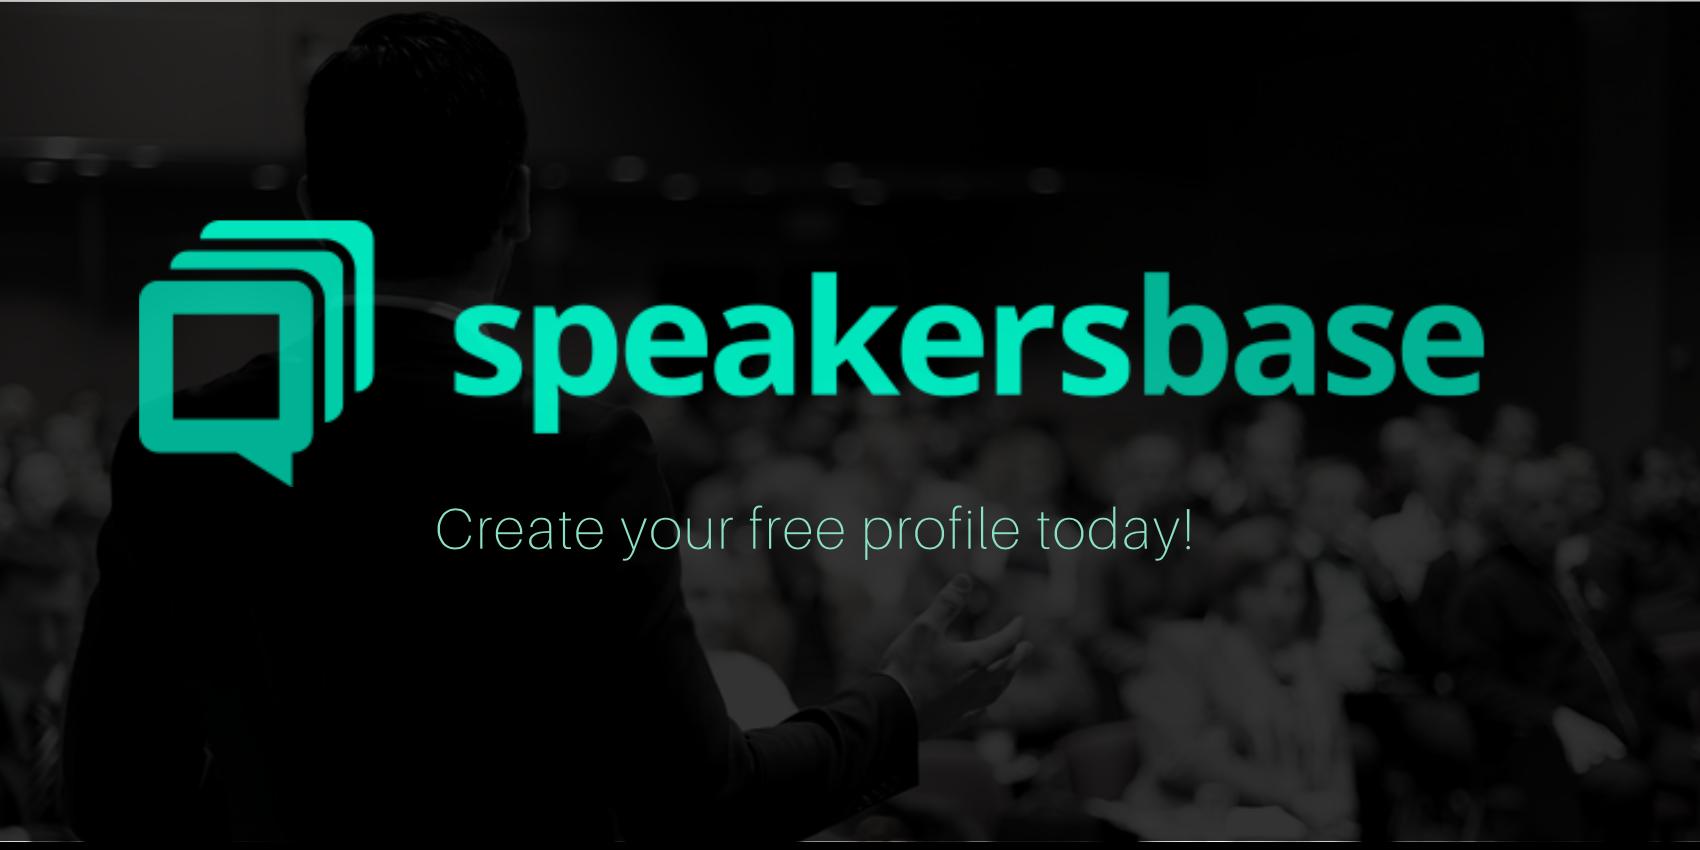 Speakersbase kondigt de acquisitie van Ierse startup Speakific aan